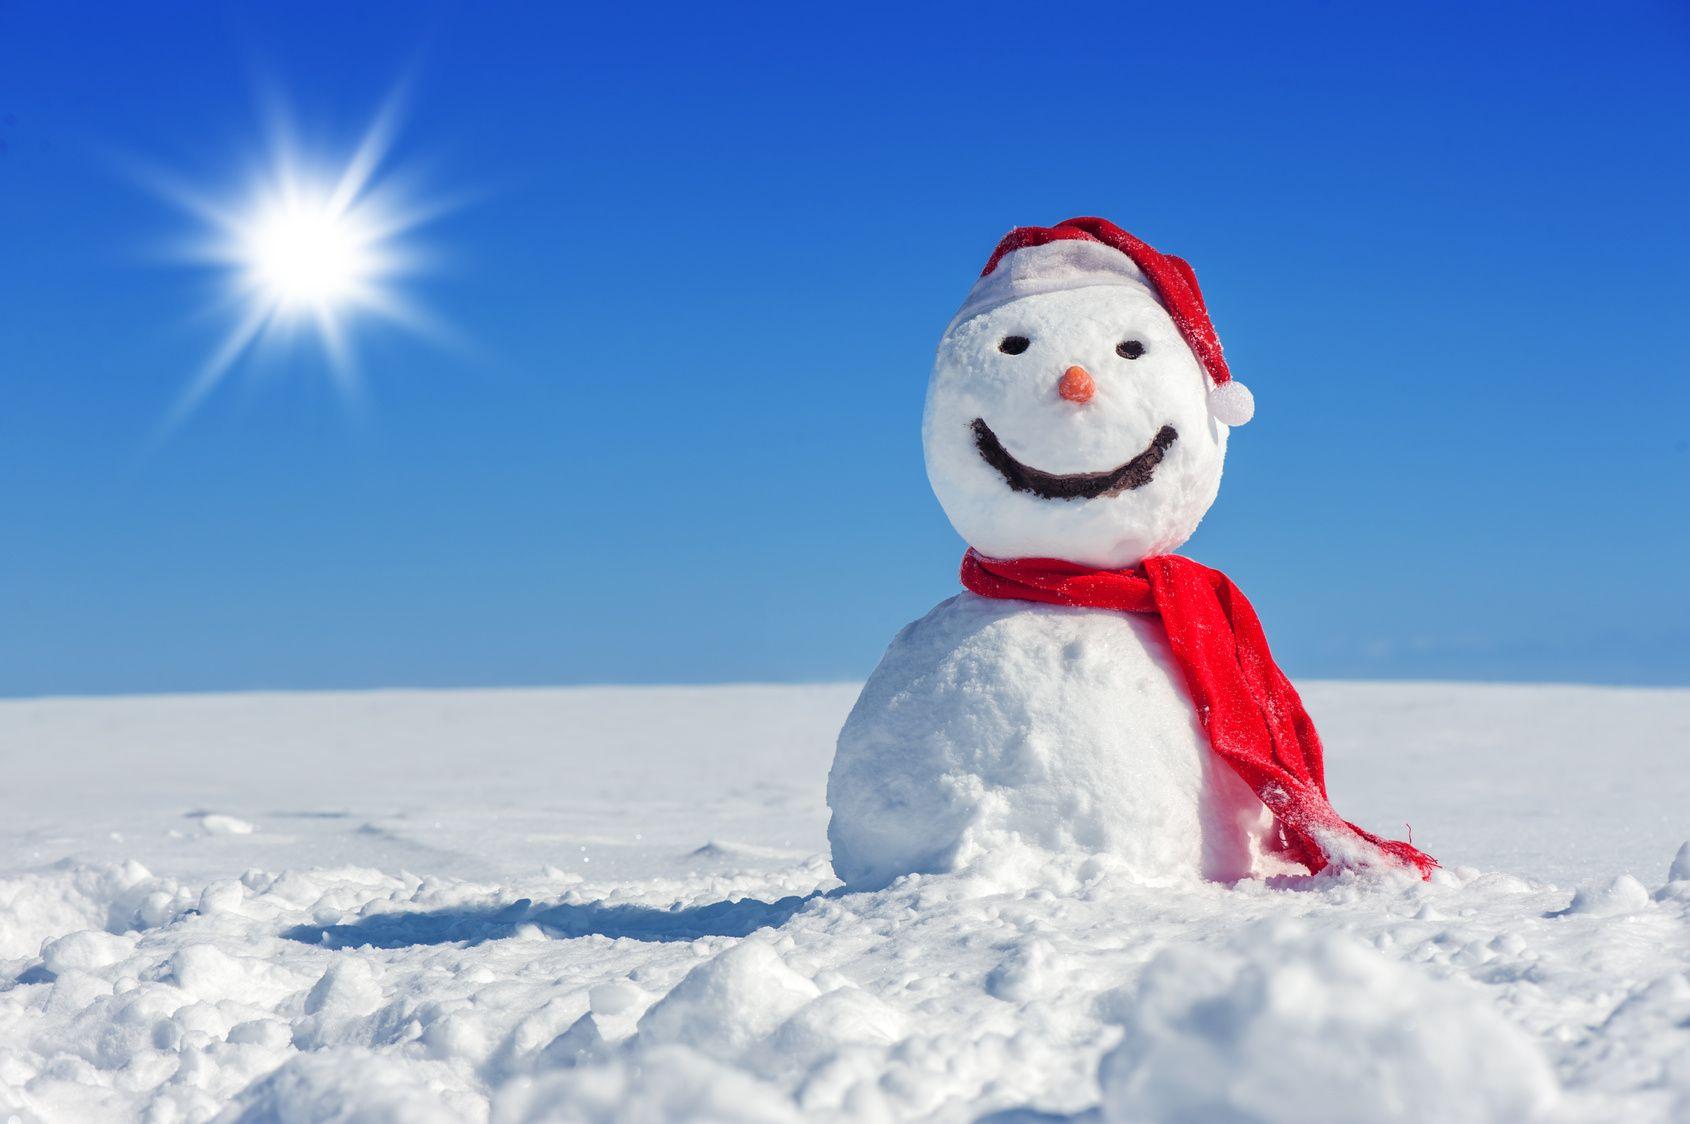 jetzt schneemann bauen bevor der schnee wieder schmilzt doch wo kommt der schneemann. Black Bedroom Furniture Sets. Home Design Ideas